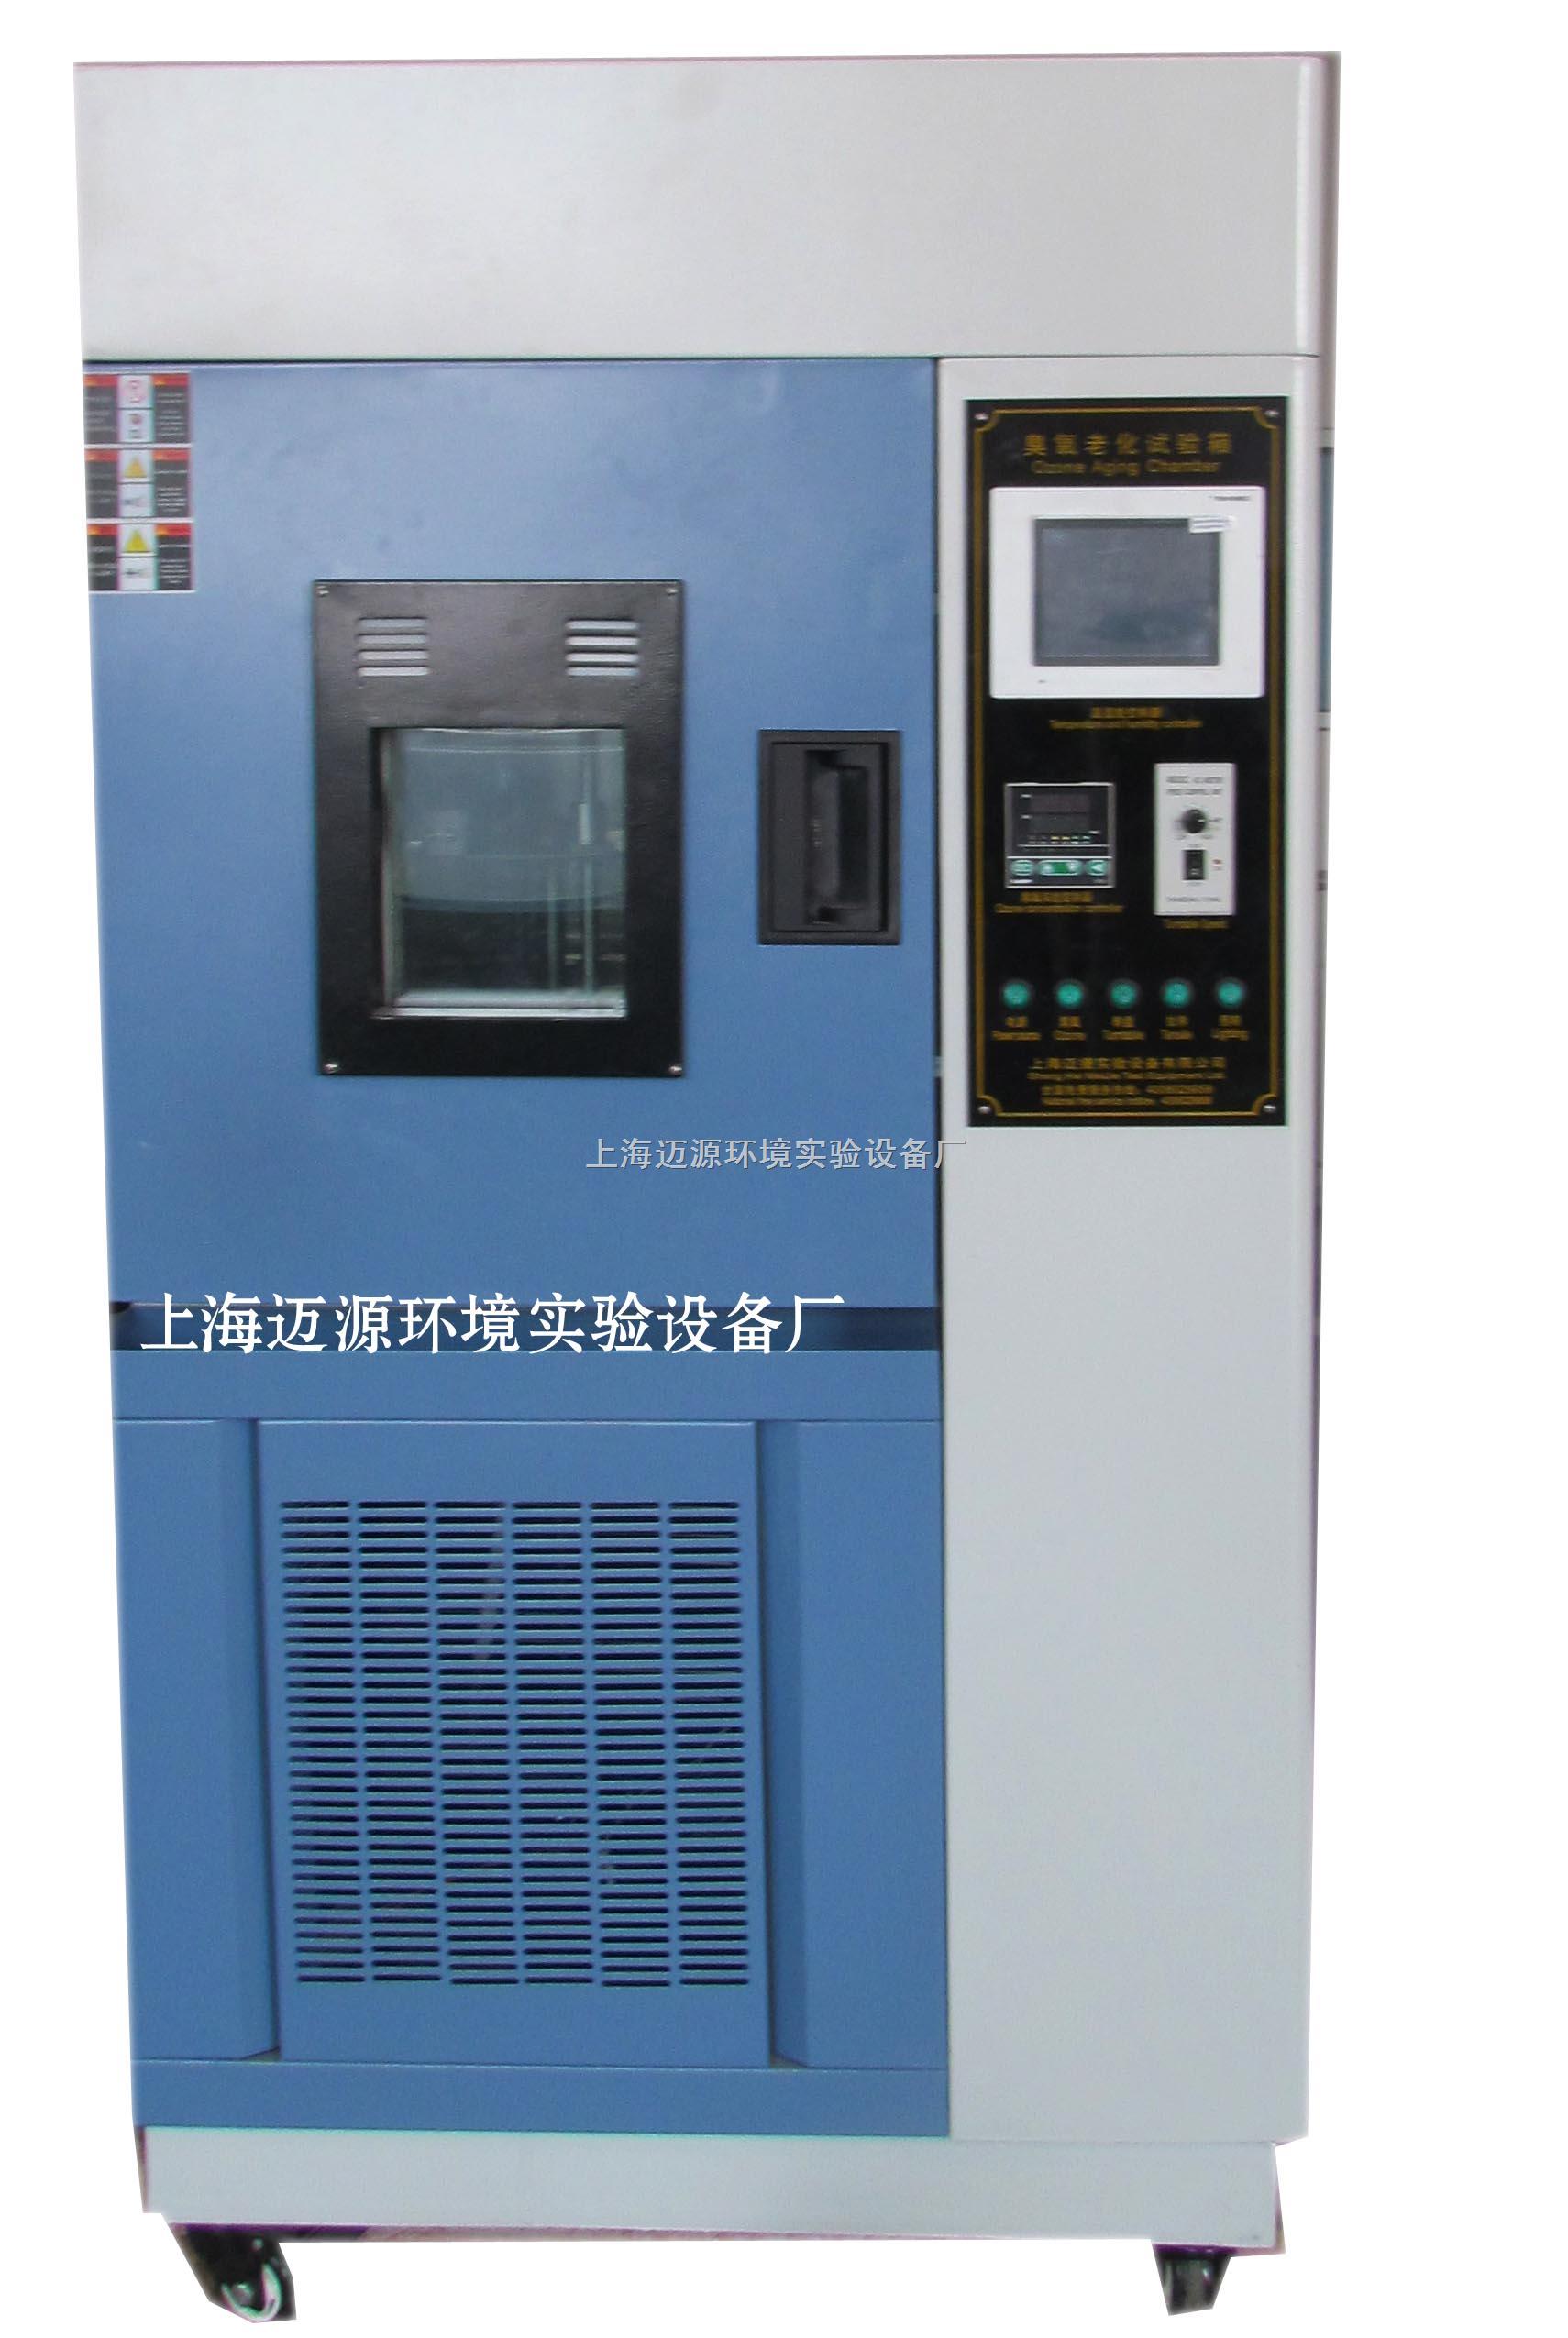 臭氧老化实验设备仪器